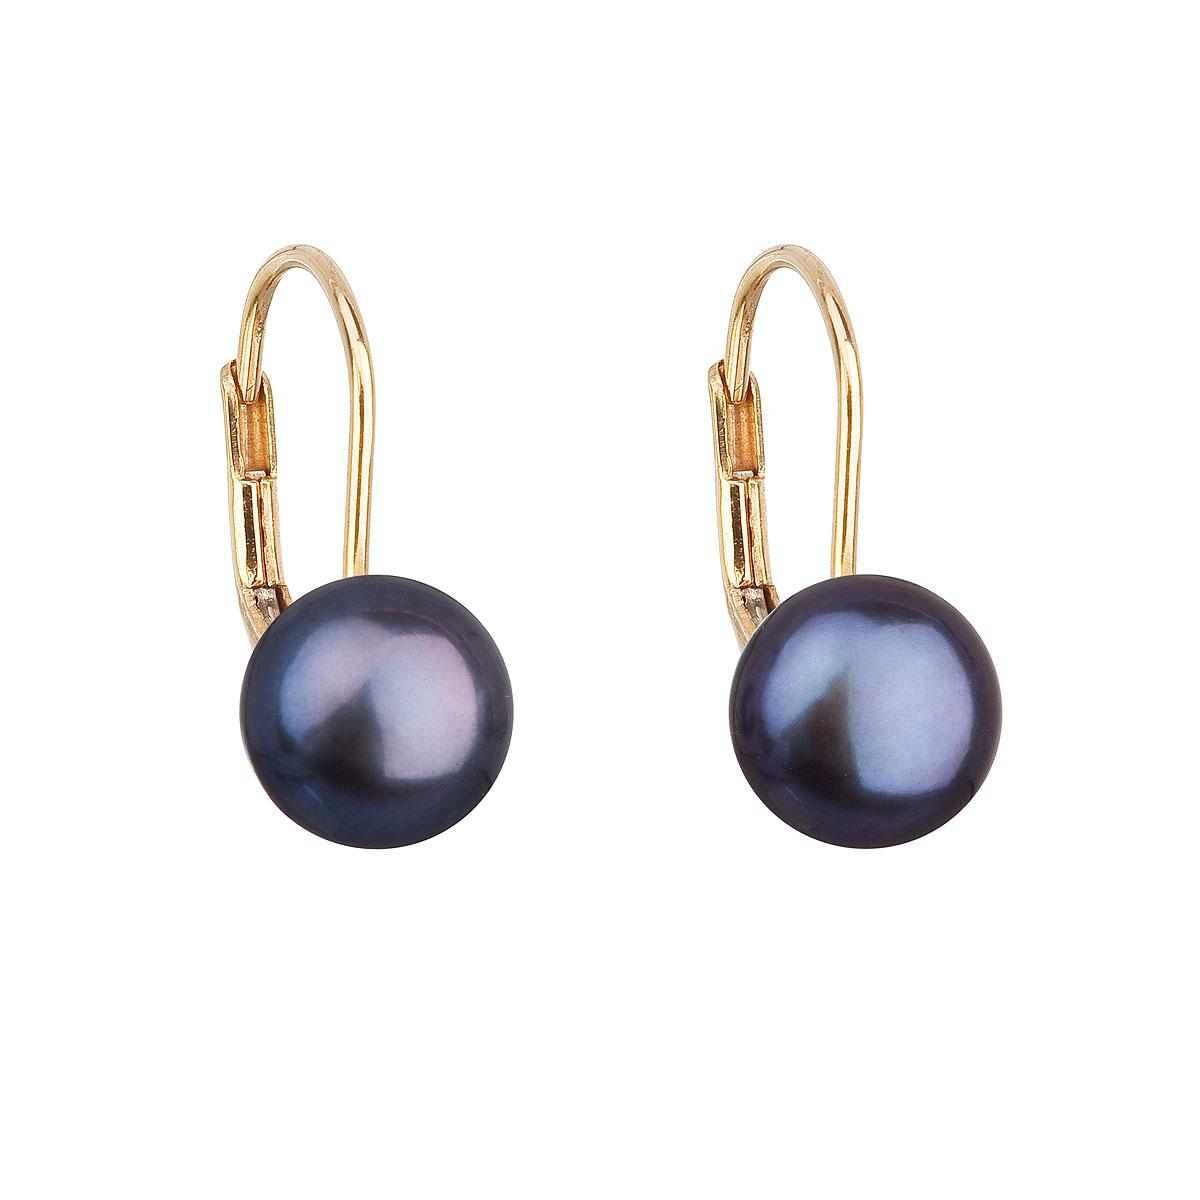 Evolution Group Zlaté 14 karátové náušnice visací s modrou říční perlou 921009.3